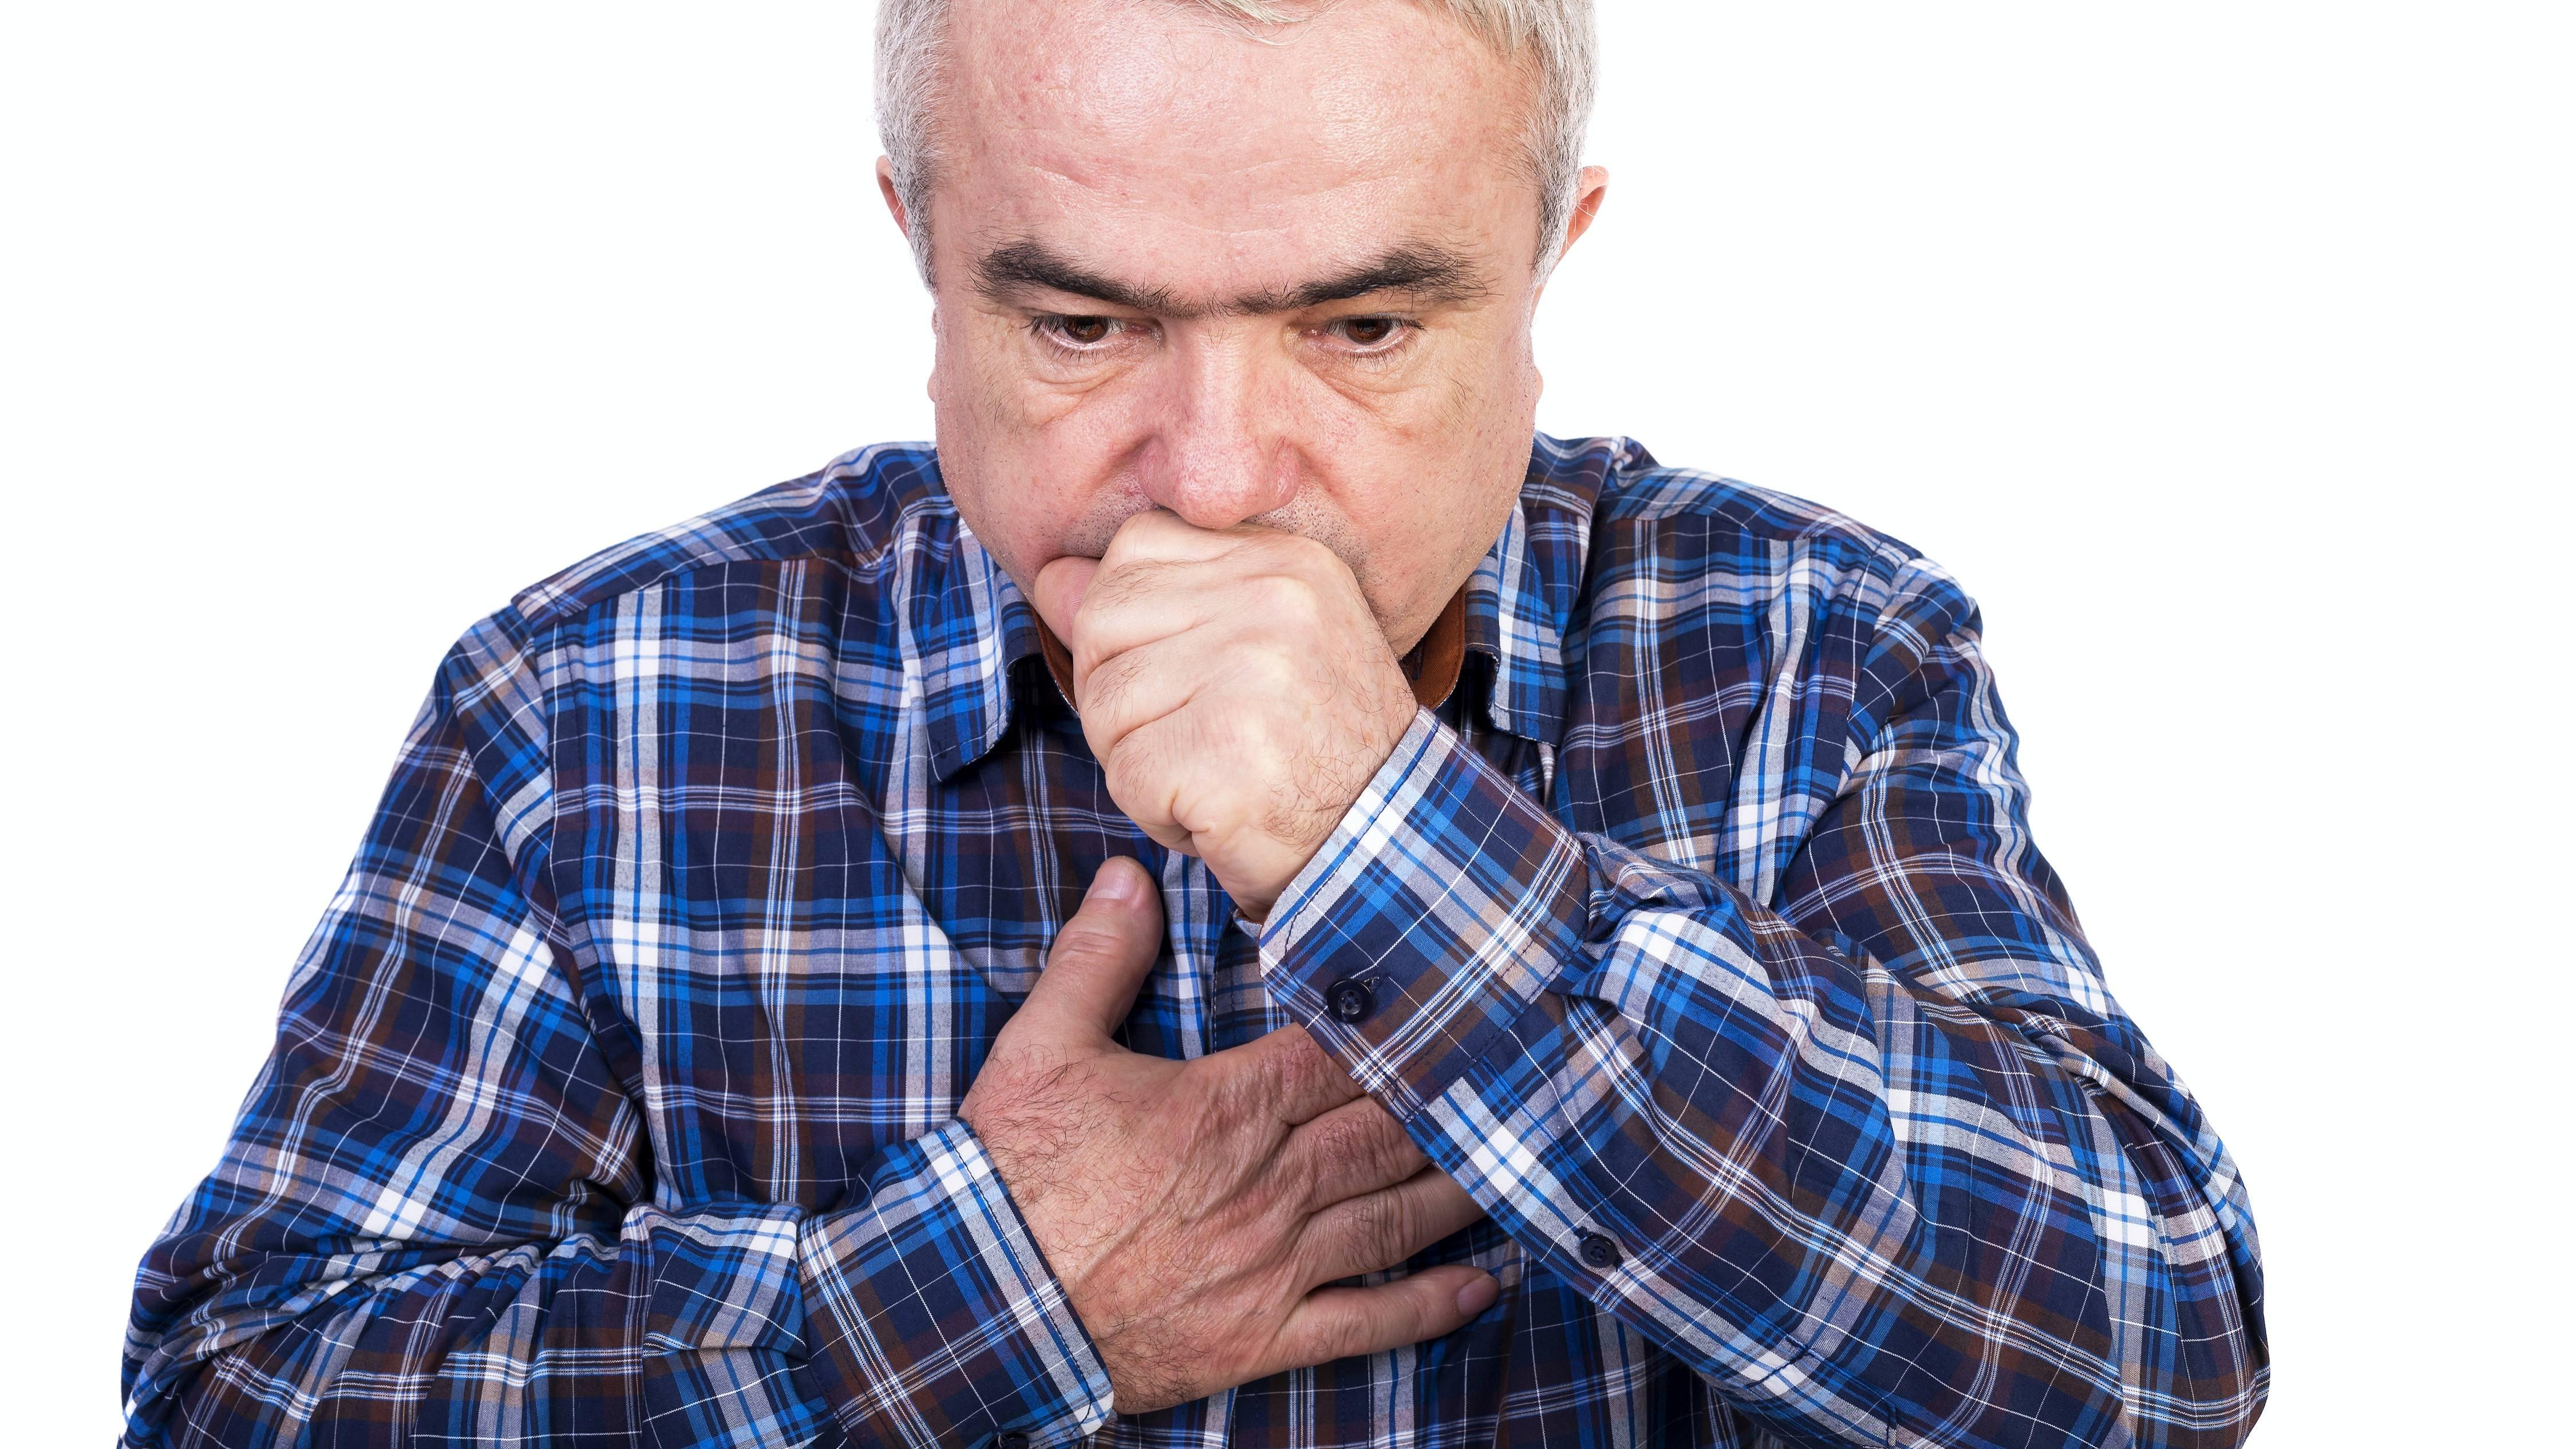 Hombre mayor tosiendo y presentando dolor en el pecho, aislado en un fondo blanco